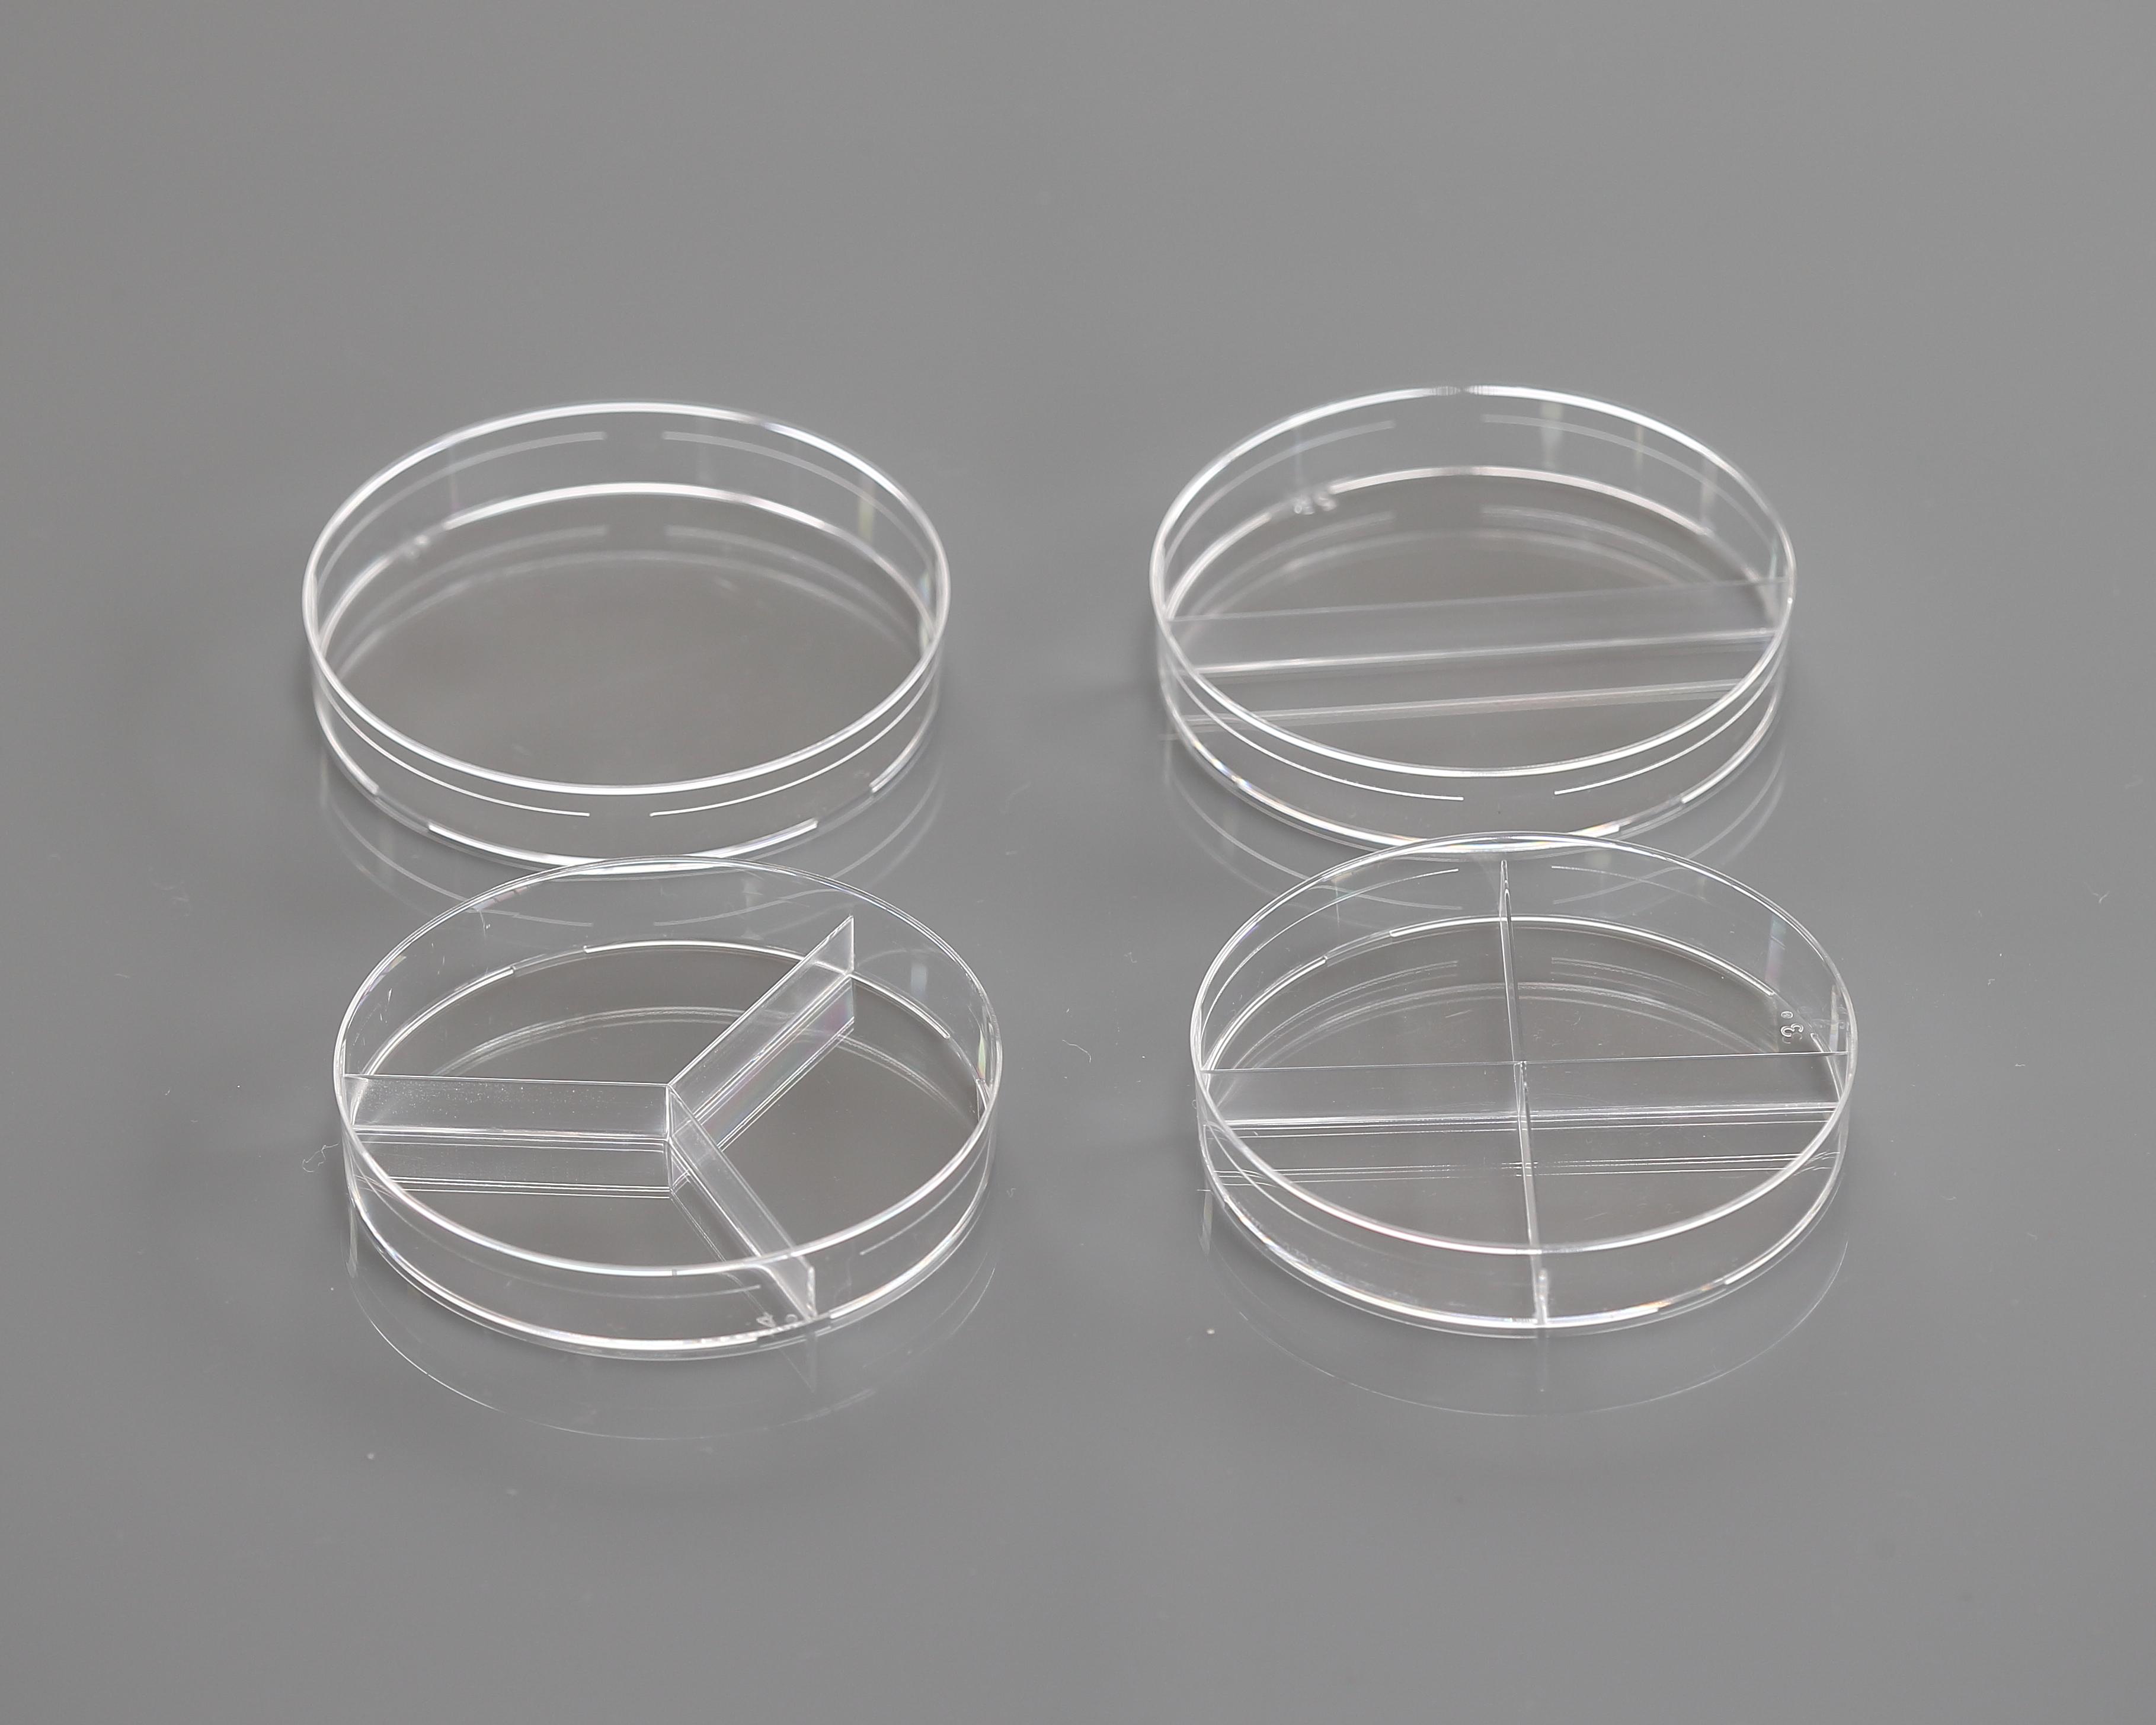 90mm细菌培养皿,20个/包(752001)